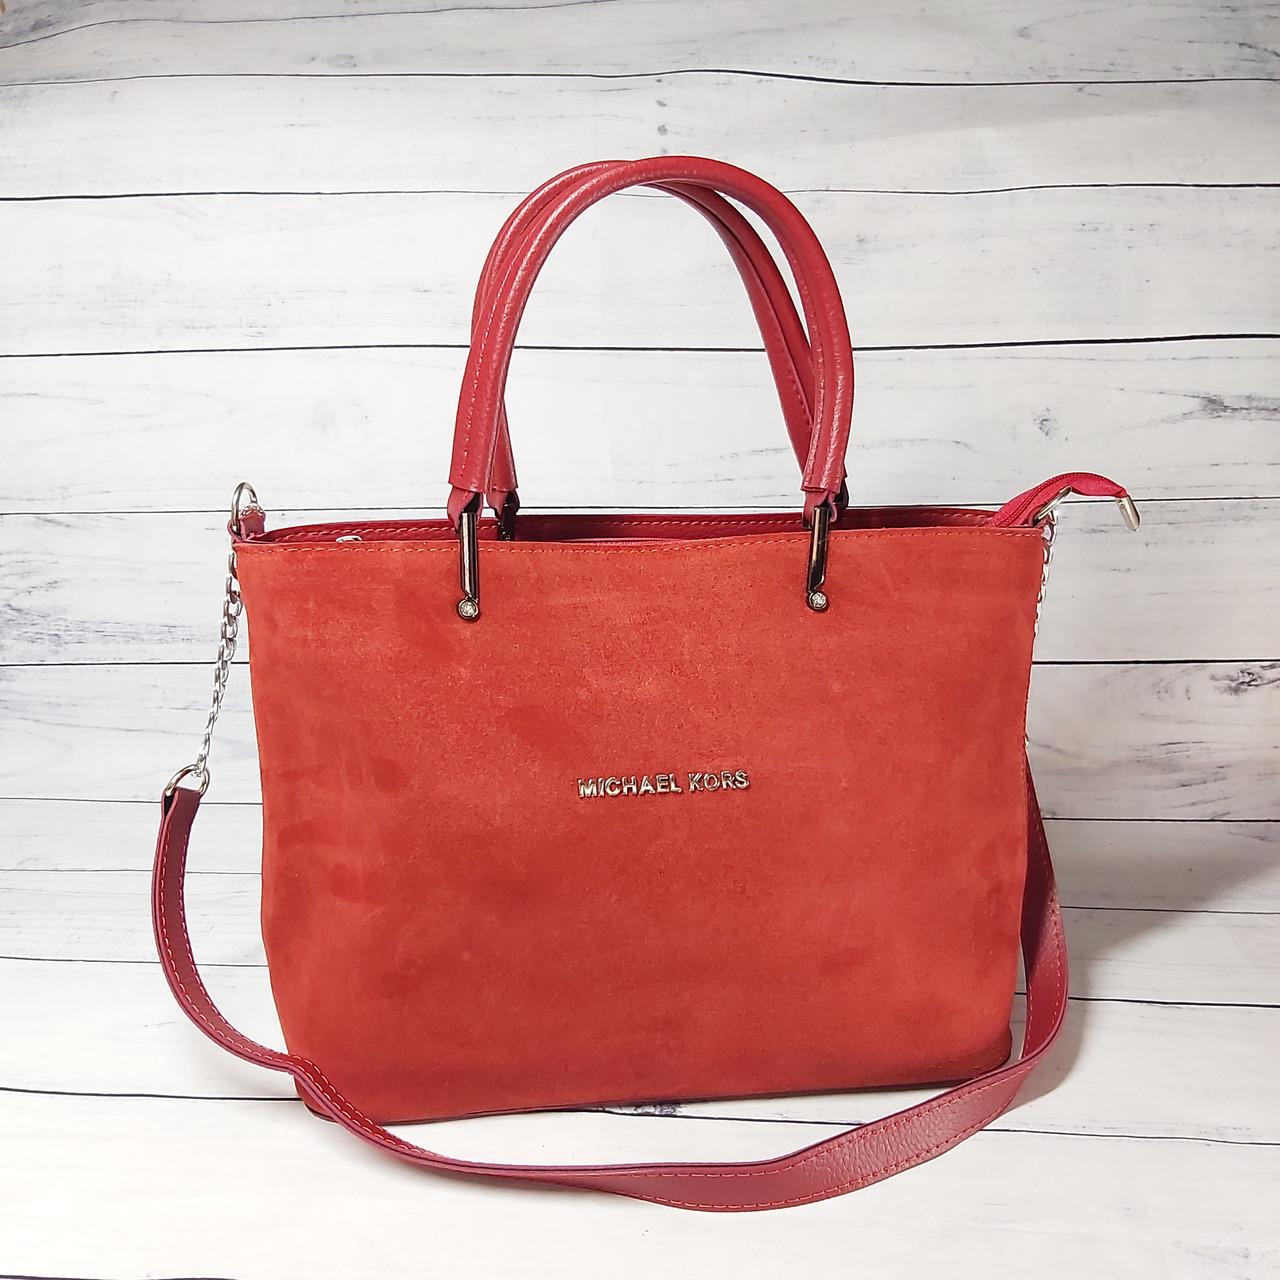 Женская замшевая сумка Mісhаеl Коrs, в стиле Майкл Корс MK, красная ( код: IBG193R1 )